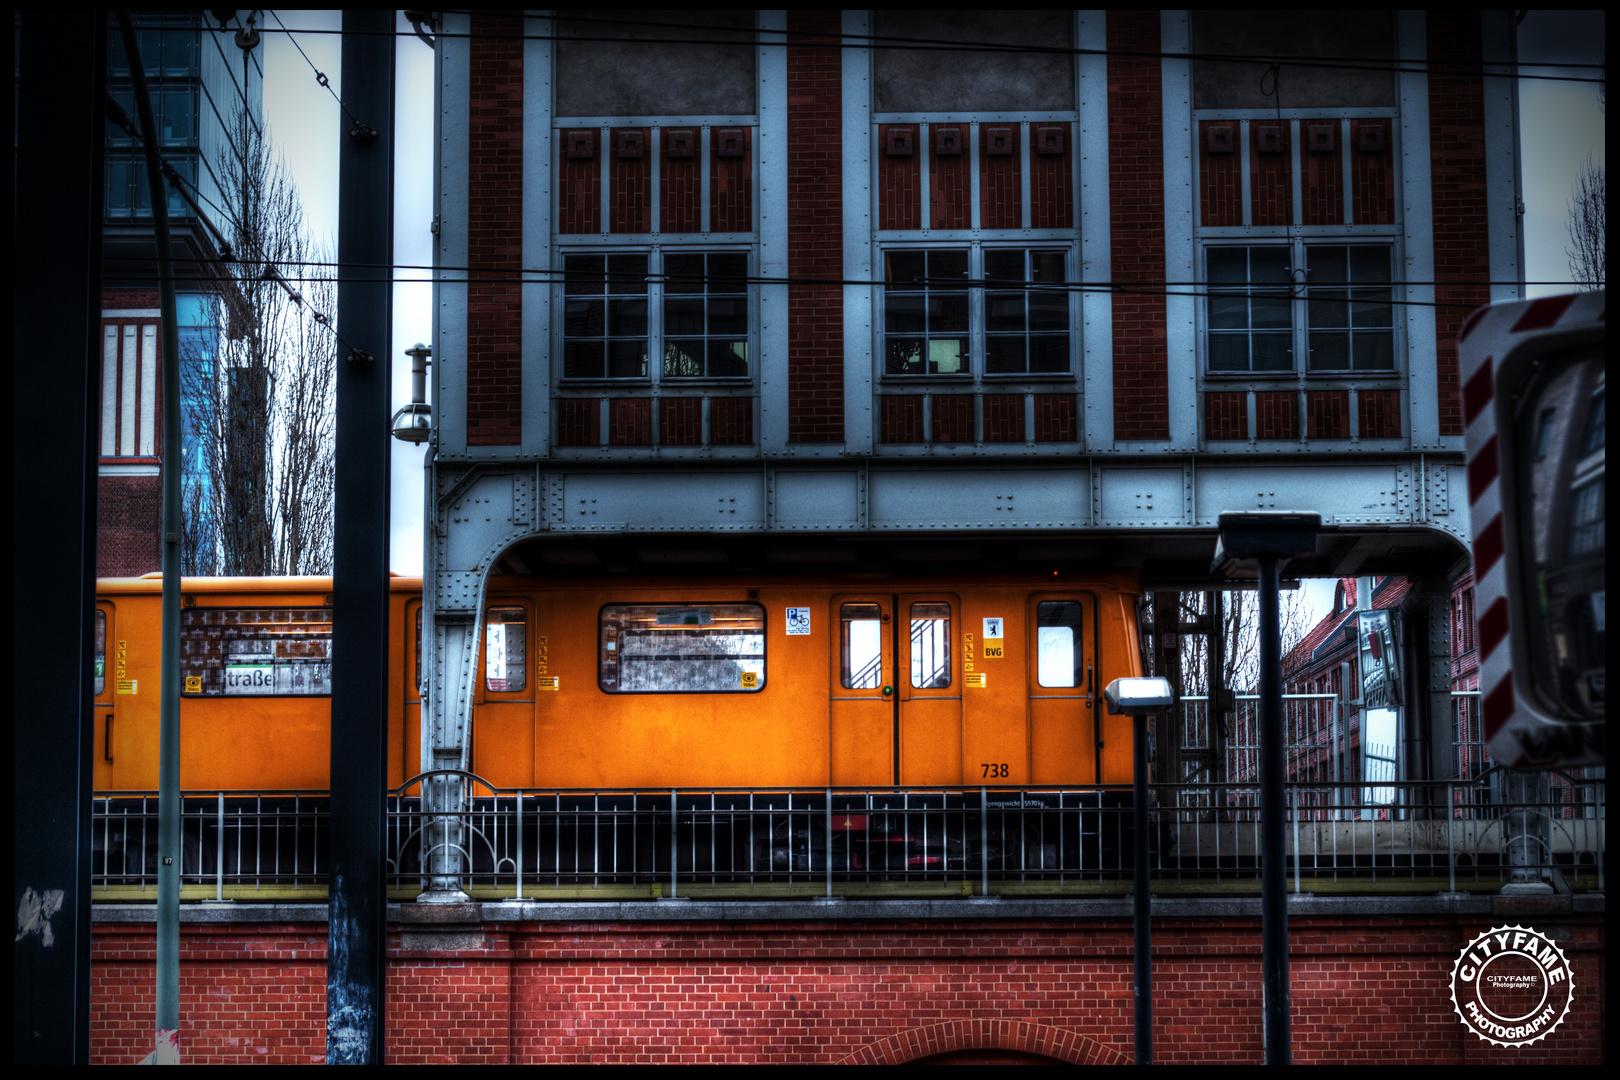 The empty Train